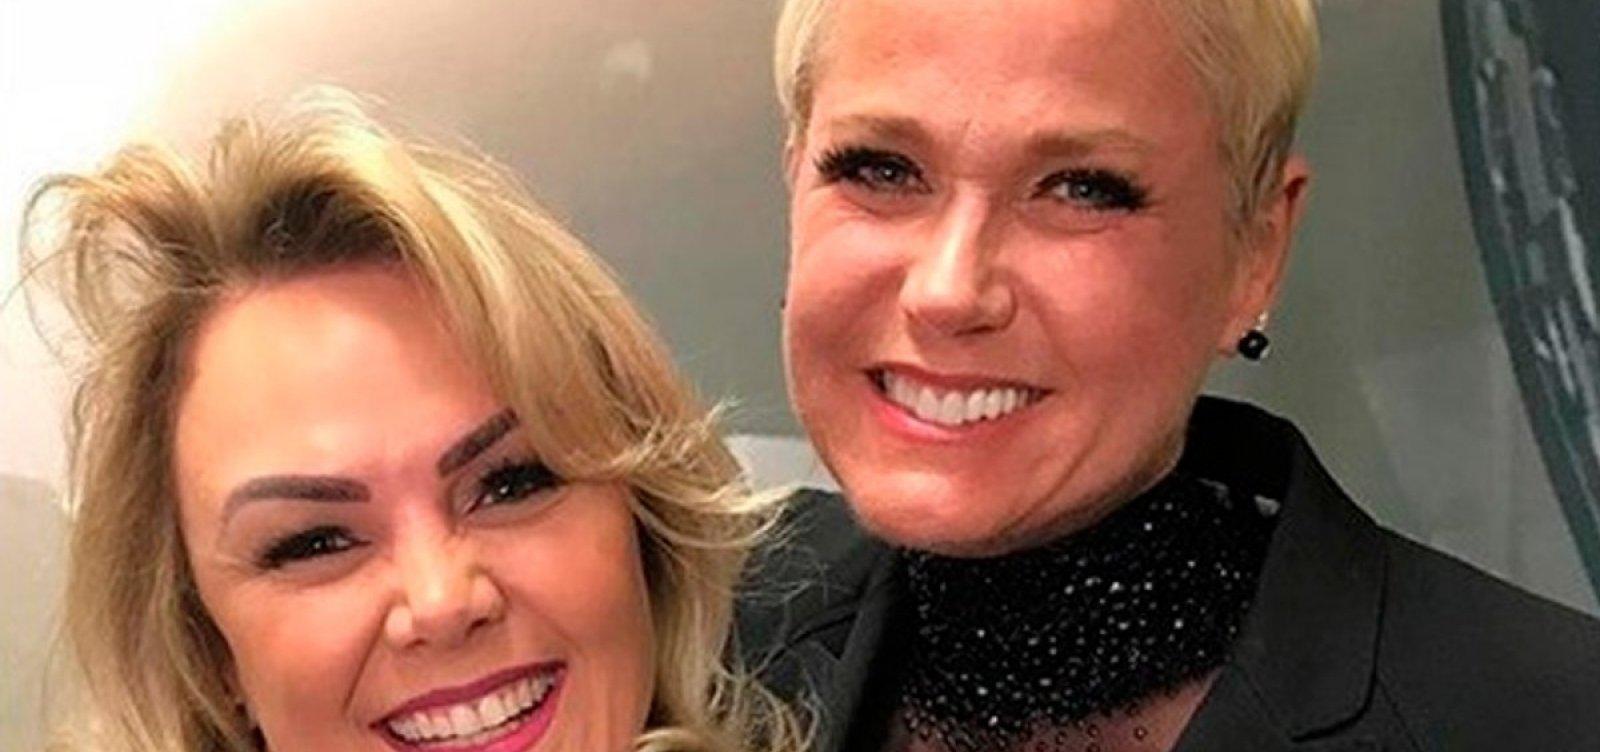 Xuxa contrata segurança para ex-paquita agredida por marido